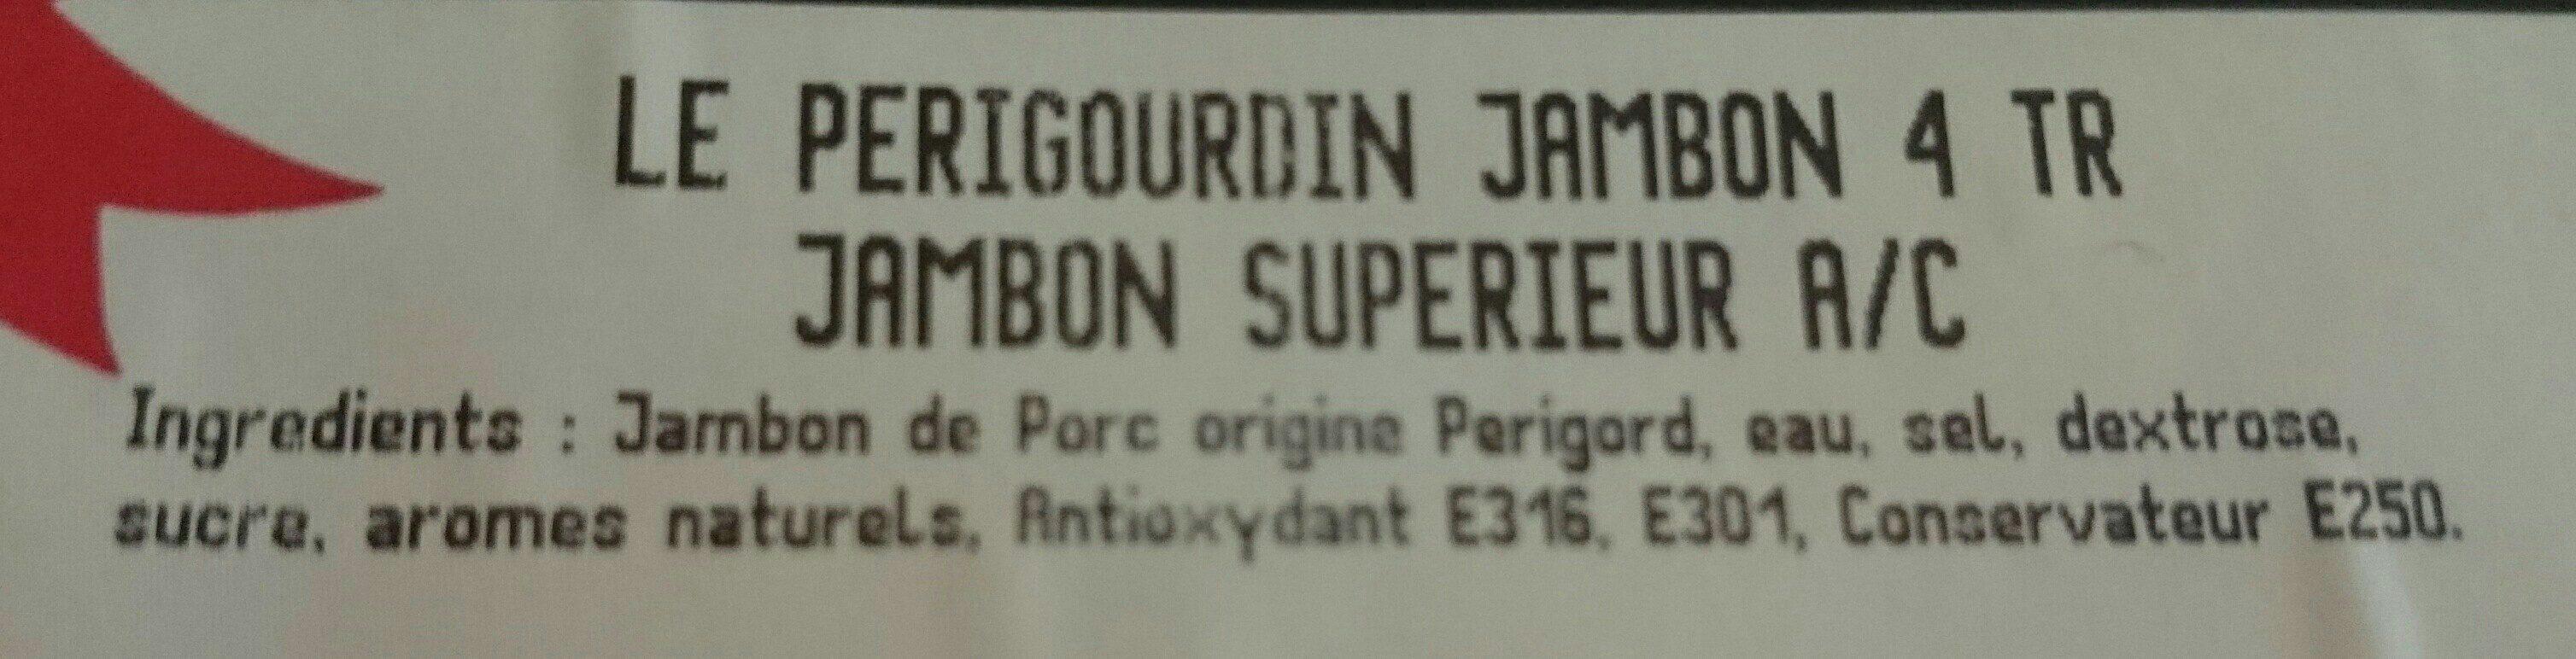 Jambon supérieur le périgourdin - Ingredients - fr